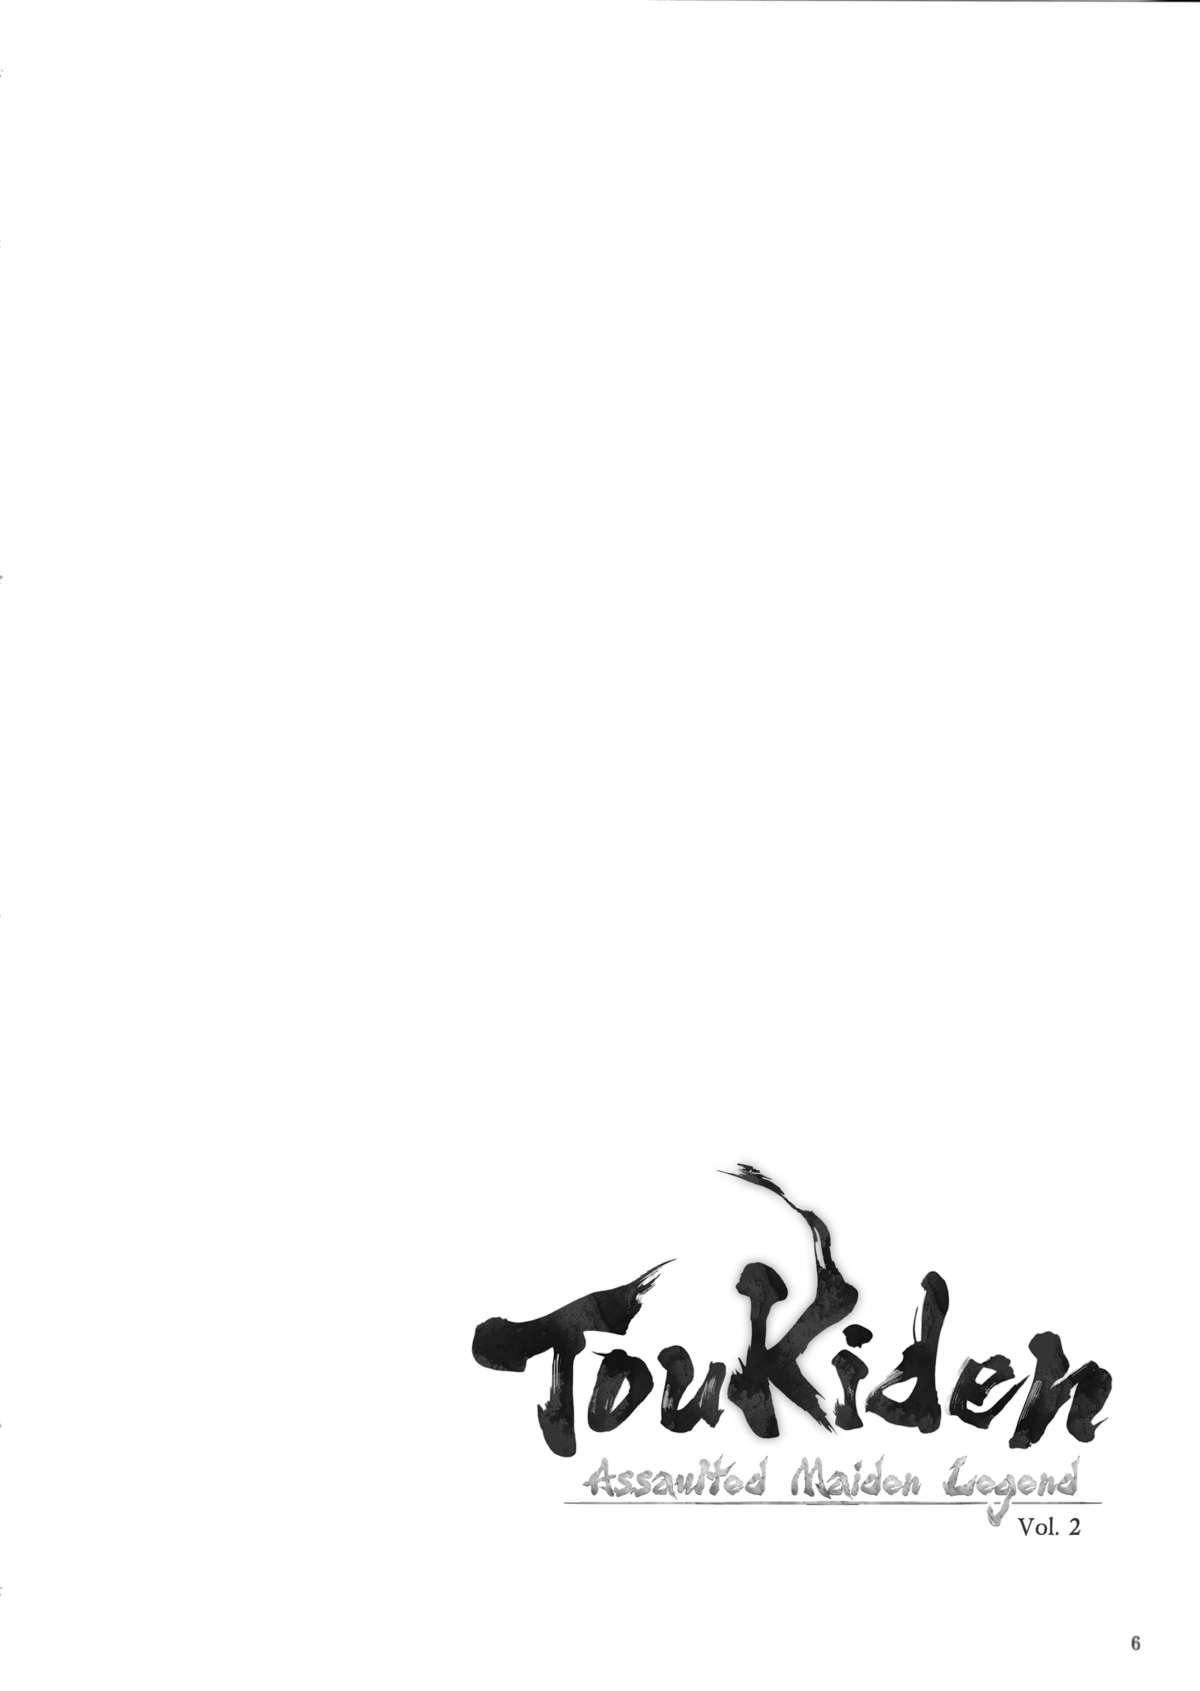 Toukiden Vol. 2 3